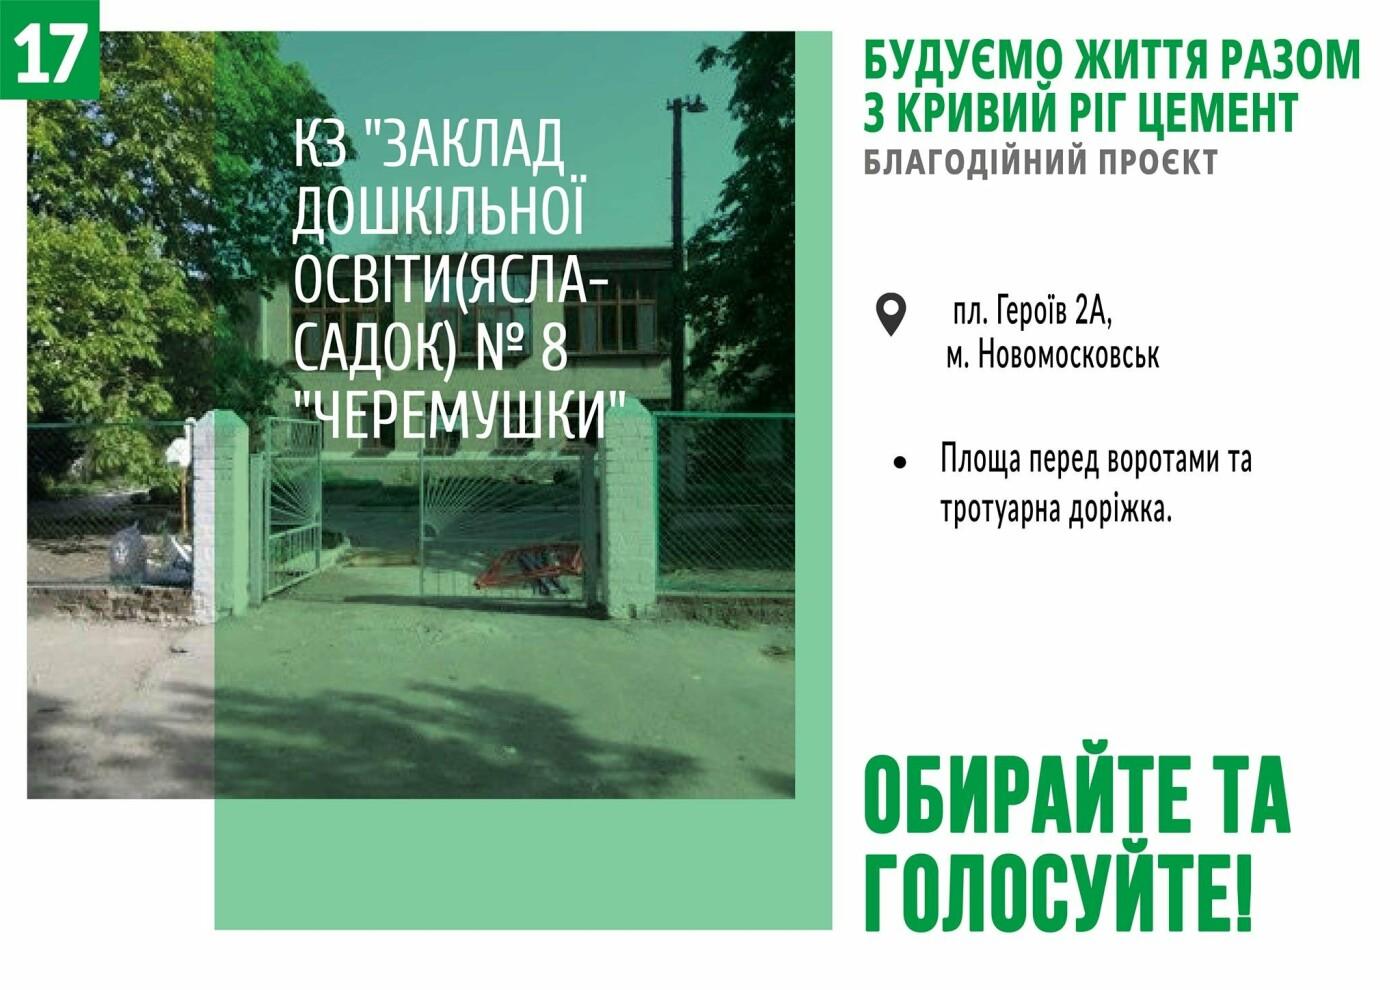 Начато голосование за объекты в рамках благотворительного проекта от компании «Кривой Рог Цемент», фото-17